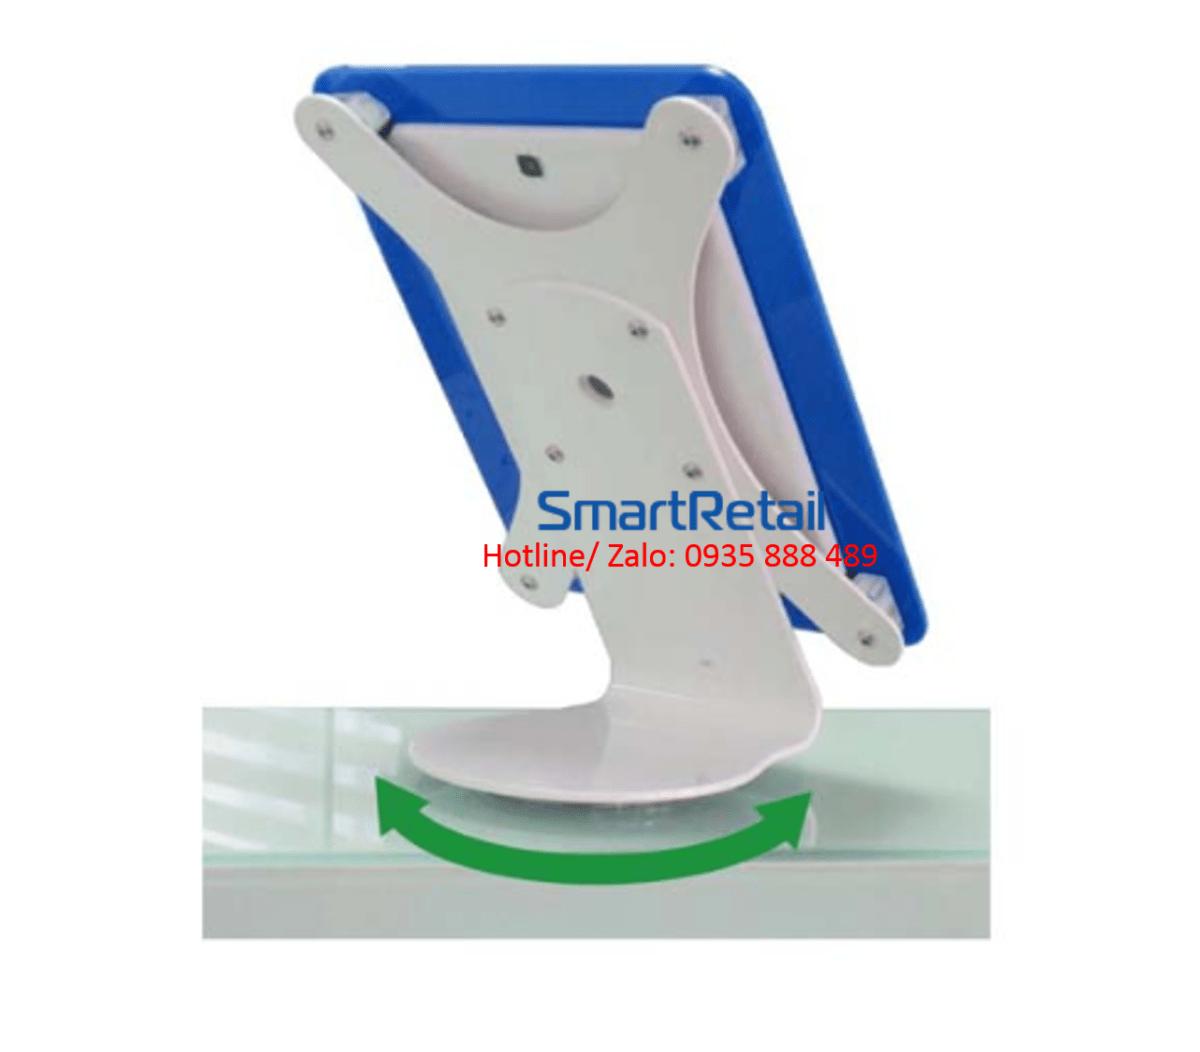 SmartRetail Giá đỡ máy tính bảng để bàn LST02 A 6